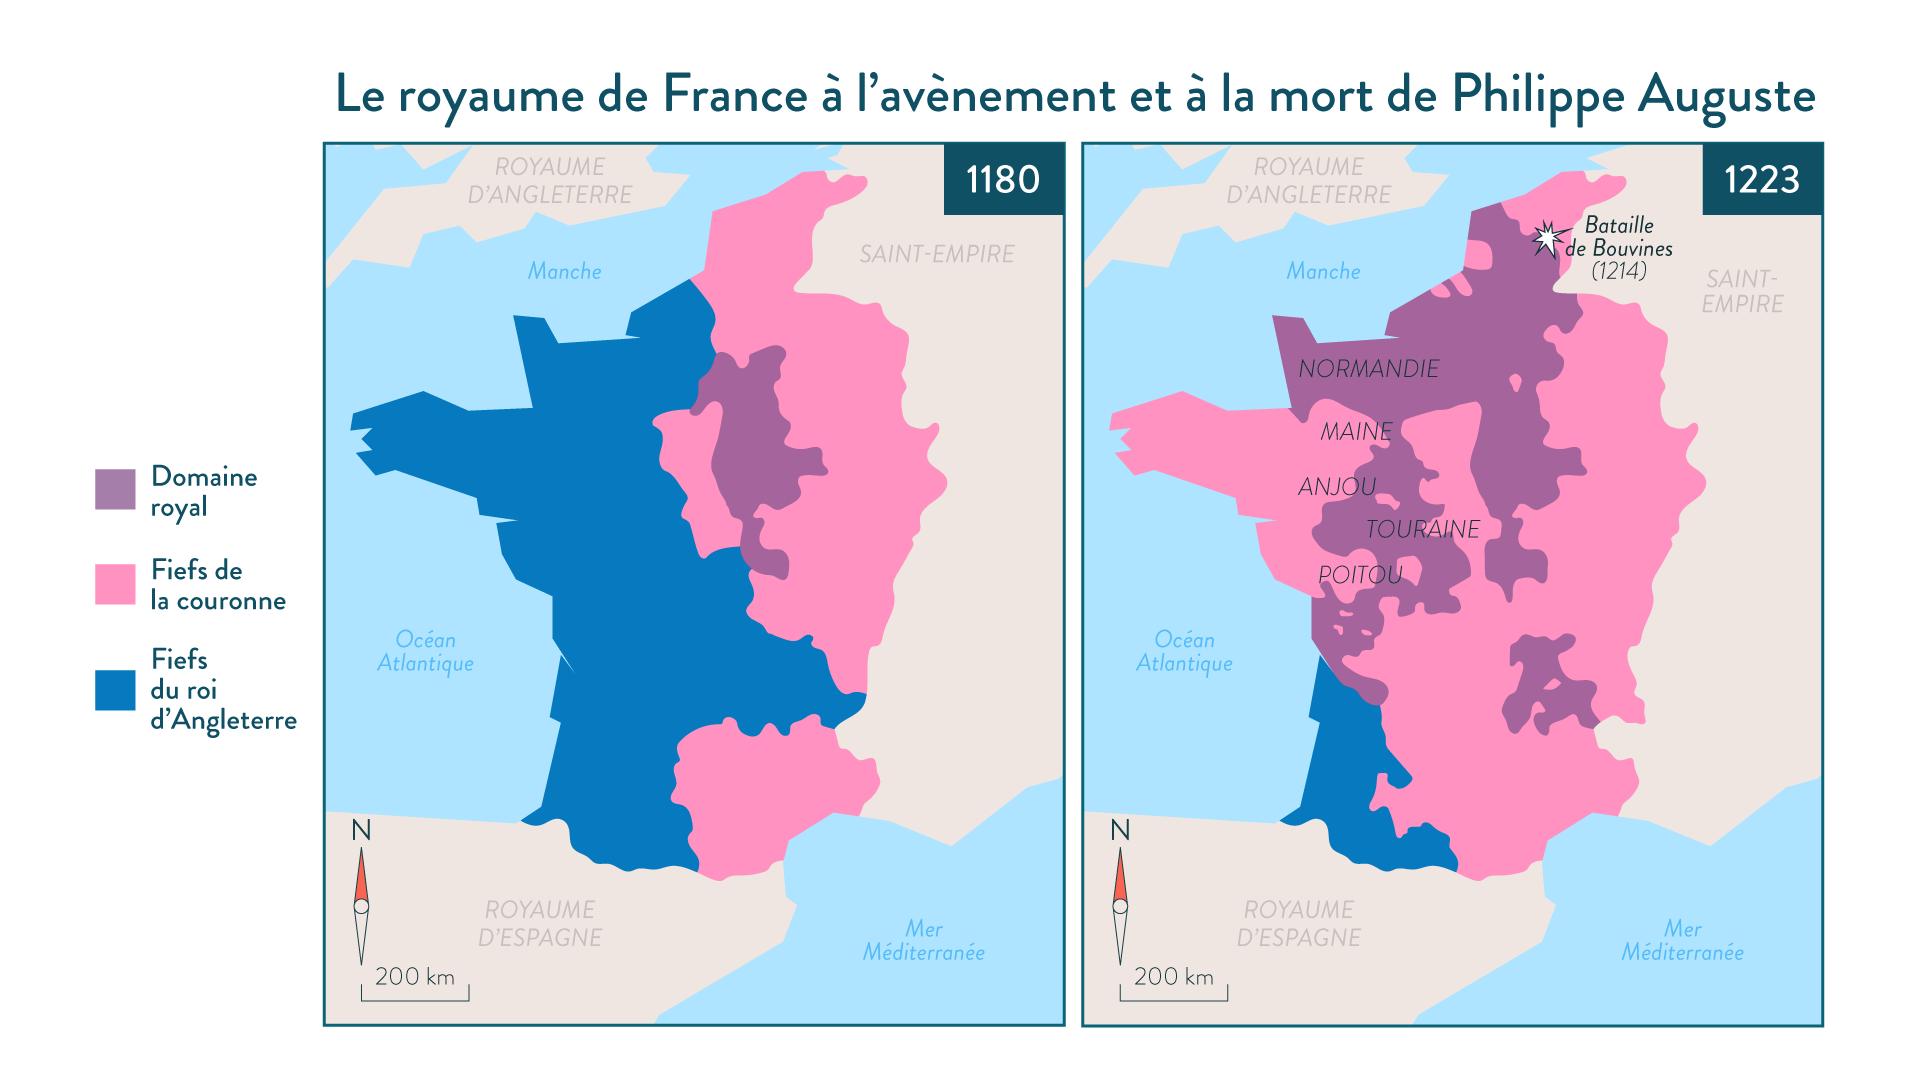 Le royaume de France à l'avènement de Philippe Auguste en1180 et à sa mort en1223-5e-histoire